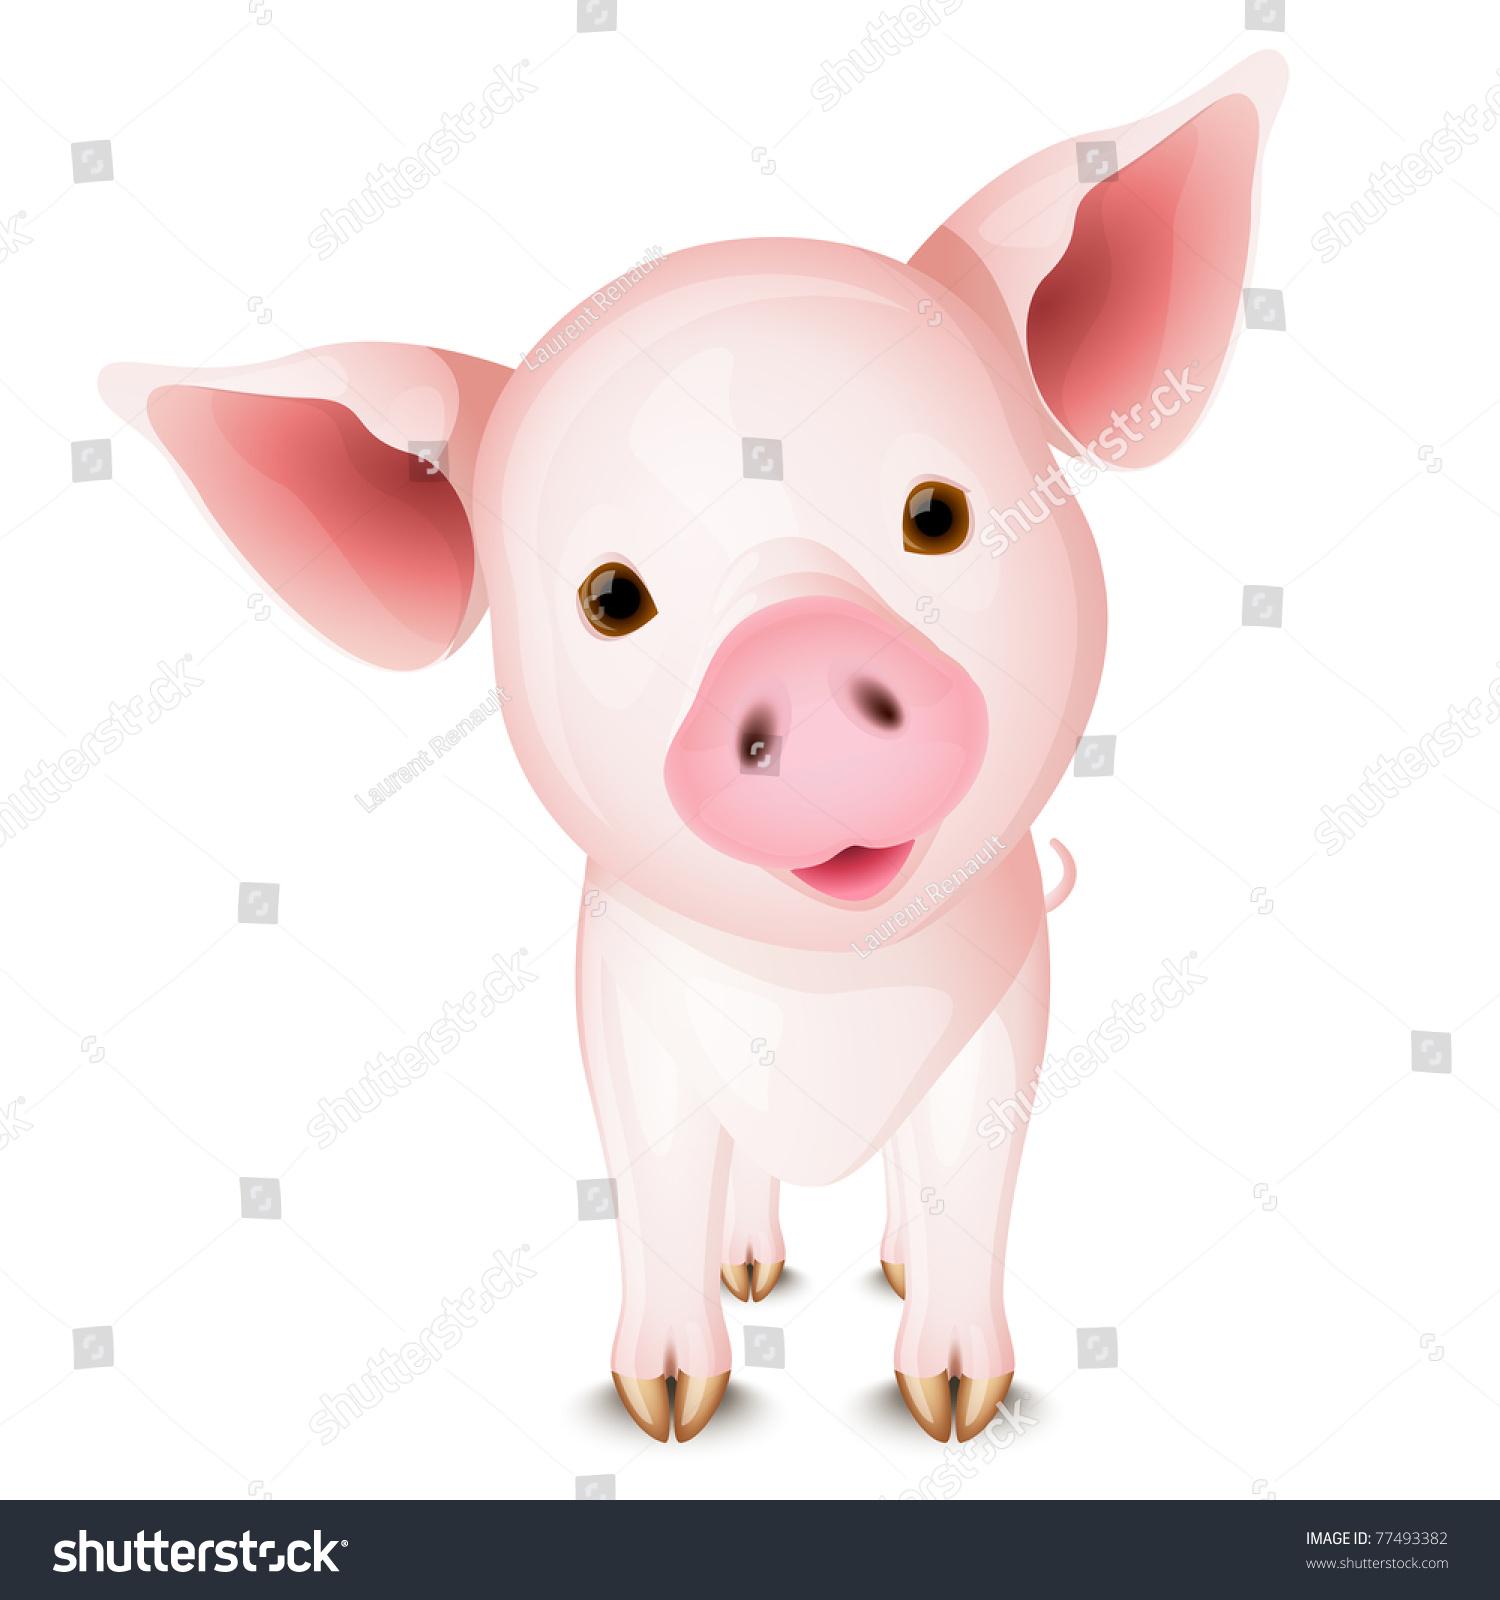 白底的粉红猪-动物/野生生物,交通运输-海洛创意()-合